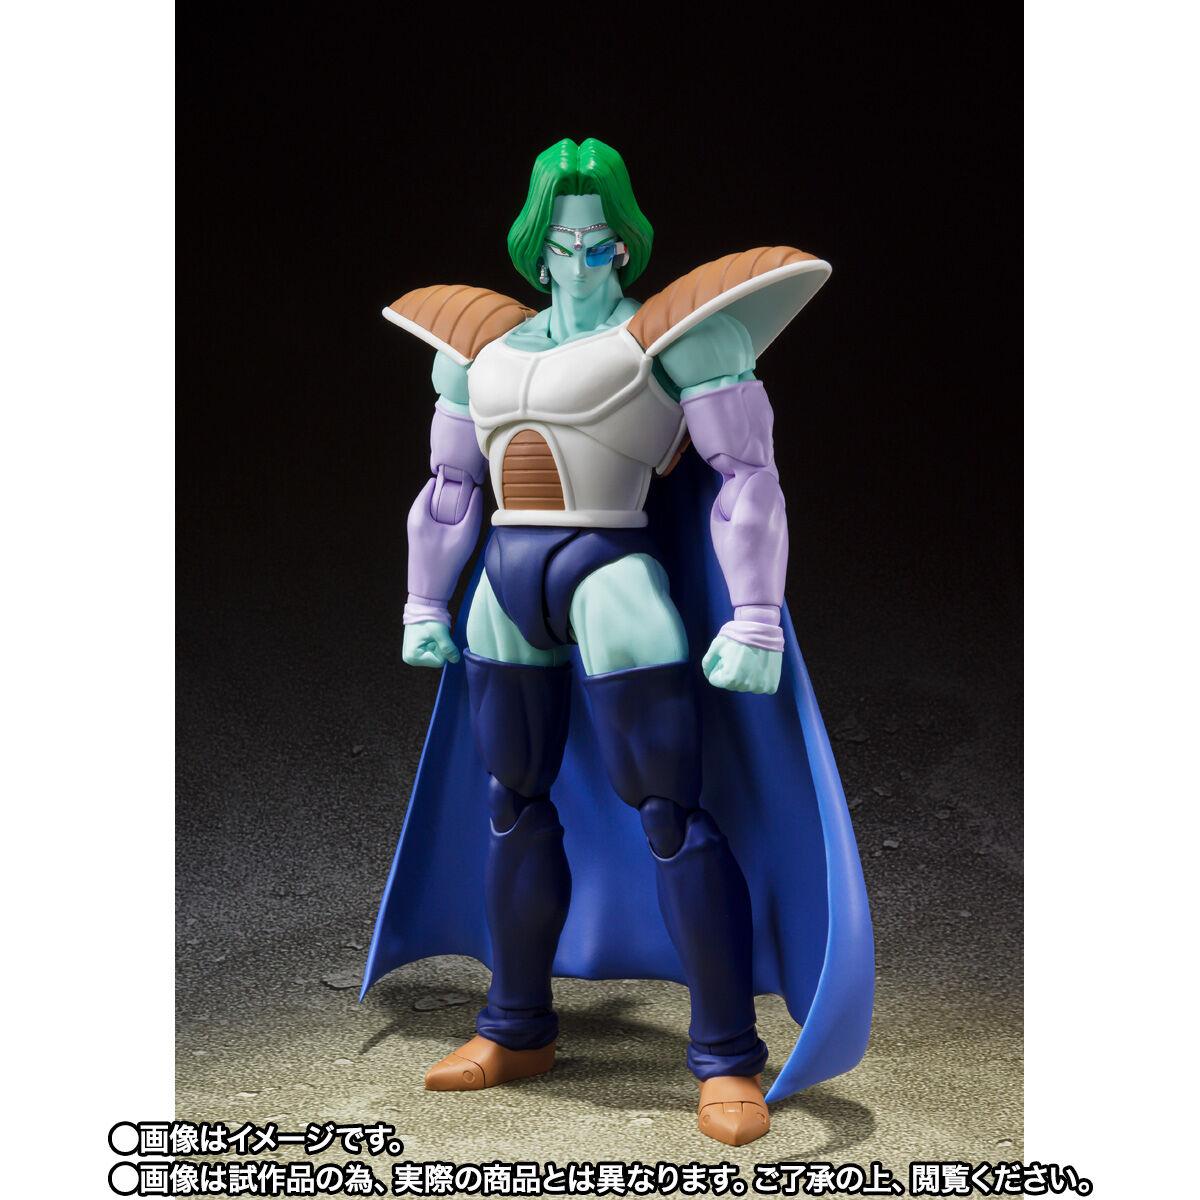 【限定販売】S.H.Figuarts『ザーボン』ドラゴンボールZ 可動フィギュア-004